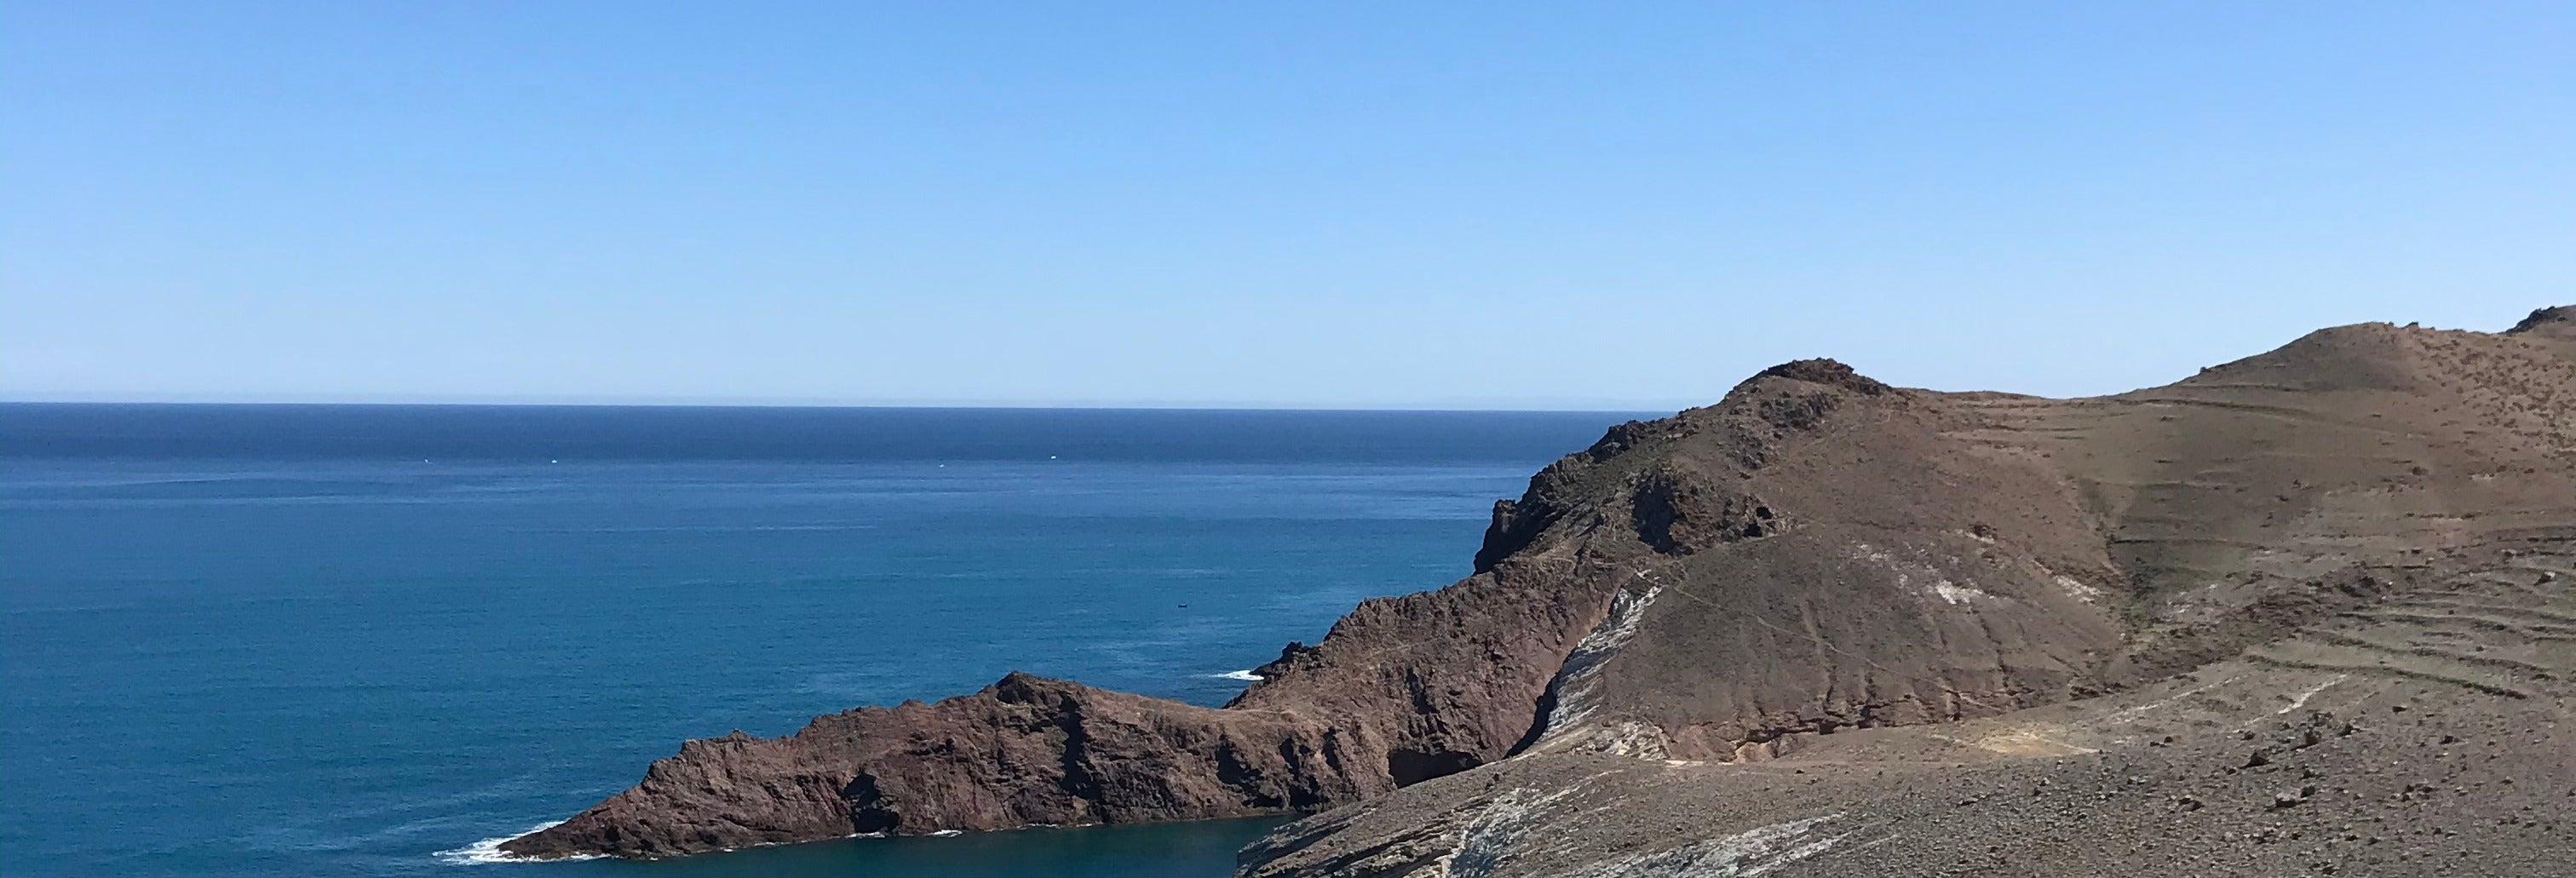 Nador, Cabo de Tres Forcas, Punta Negri y Monte Gurugú por libre